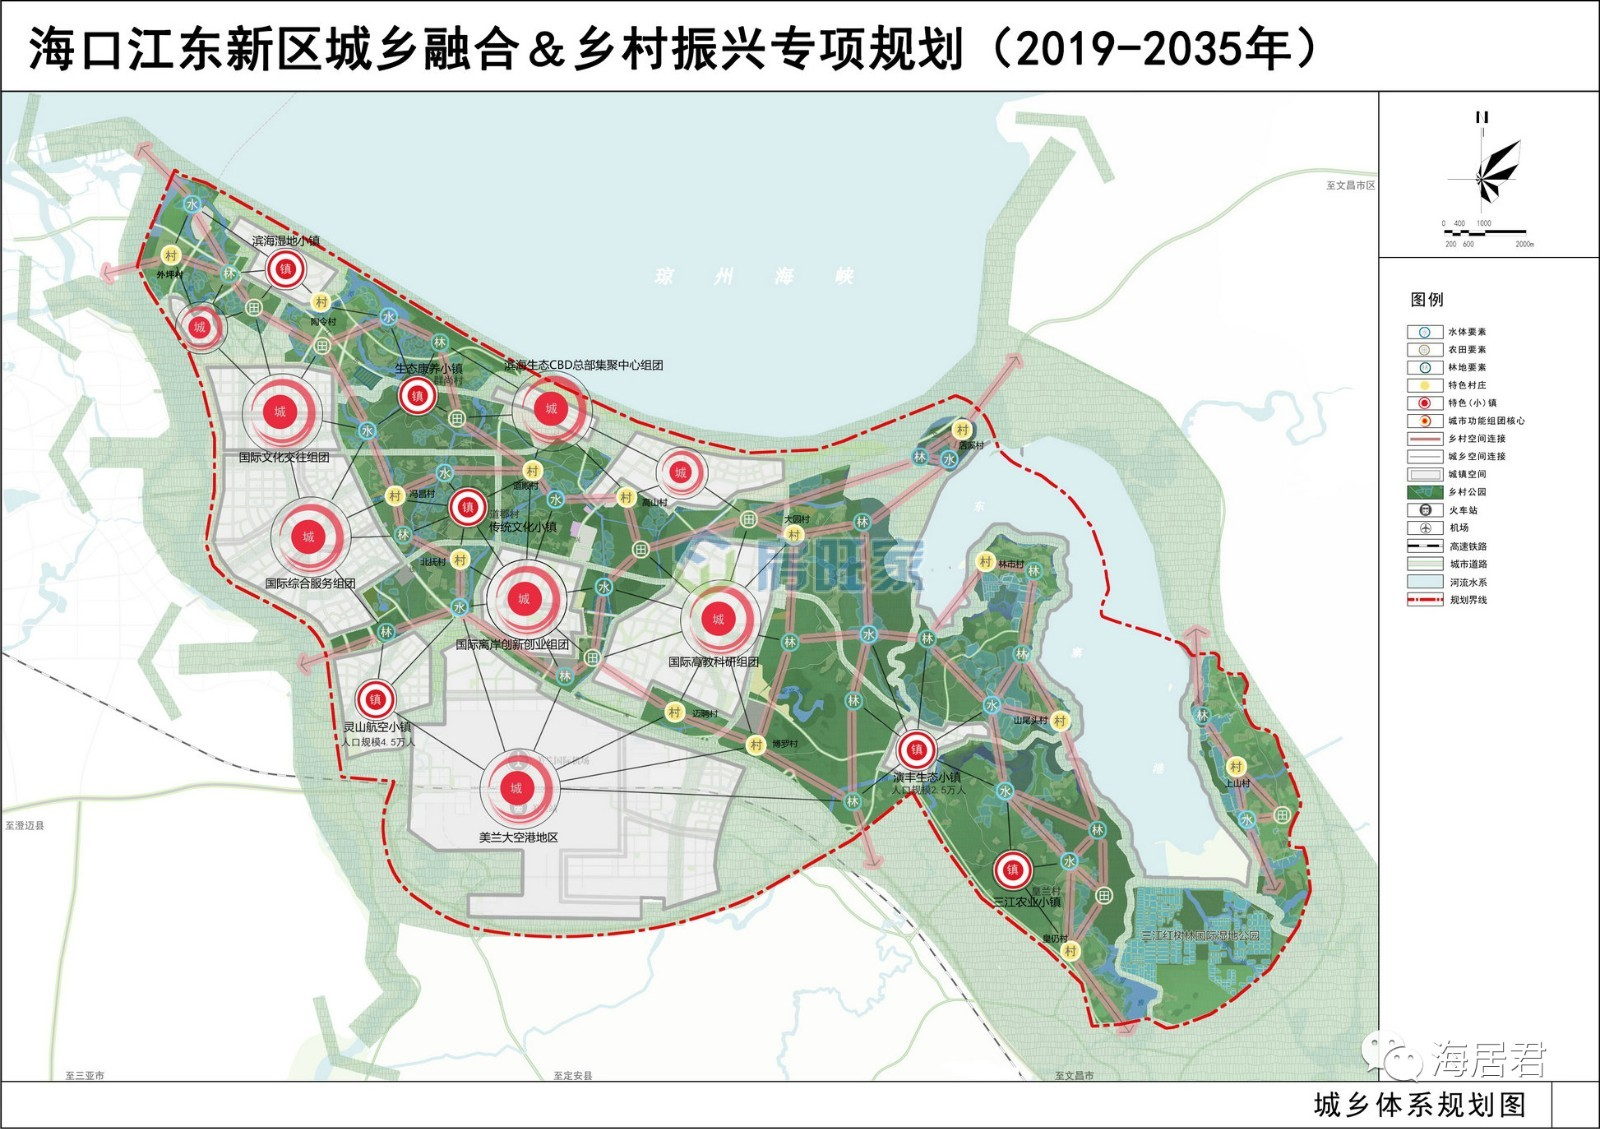 海口江东新区城乡融合&乡村振兴专项规划城乡体系规划图